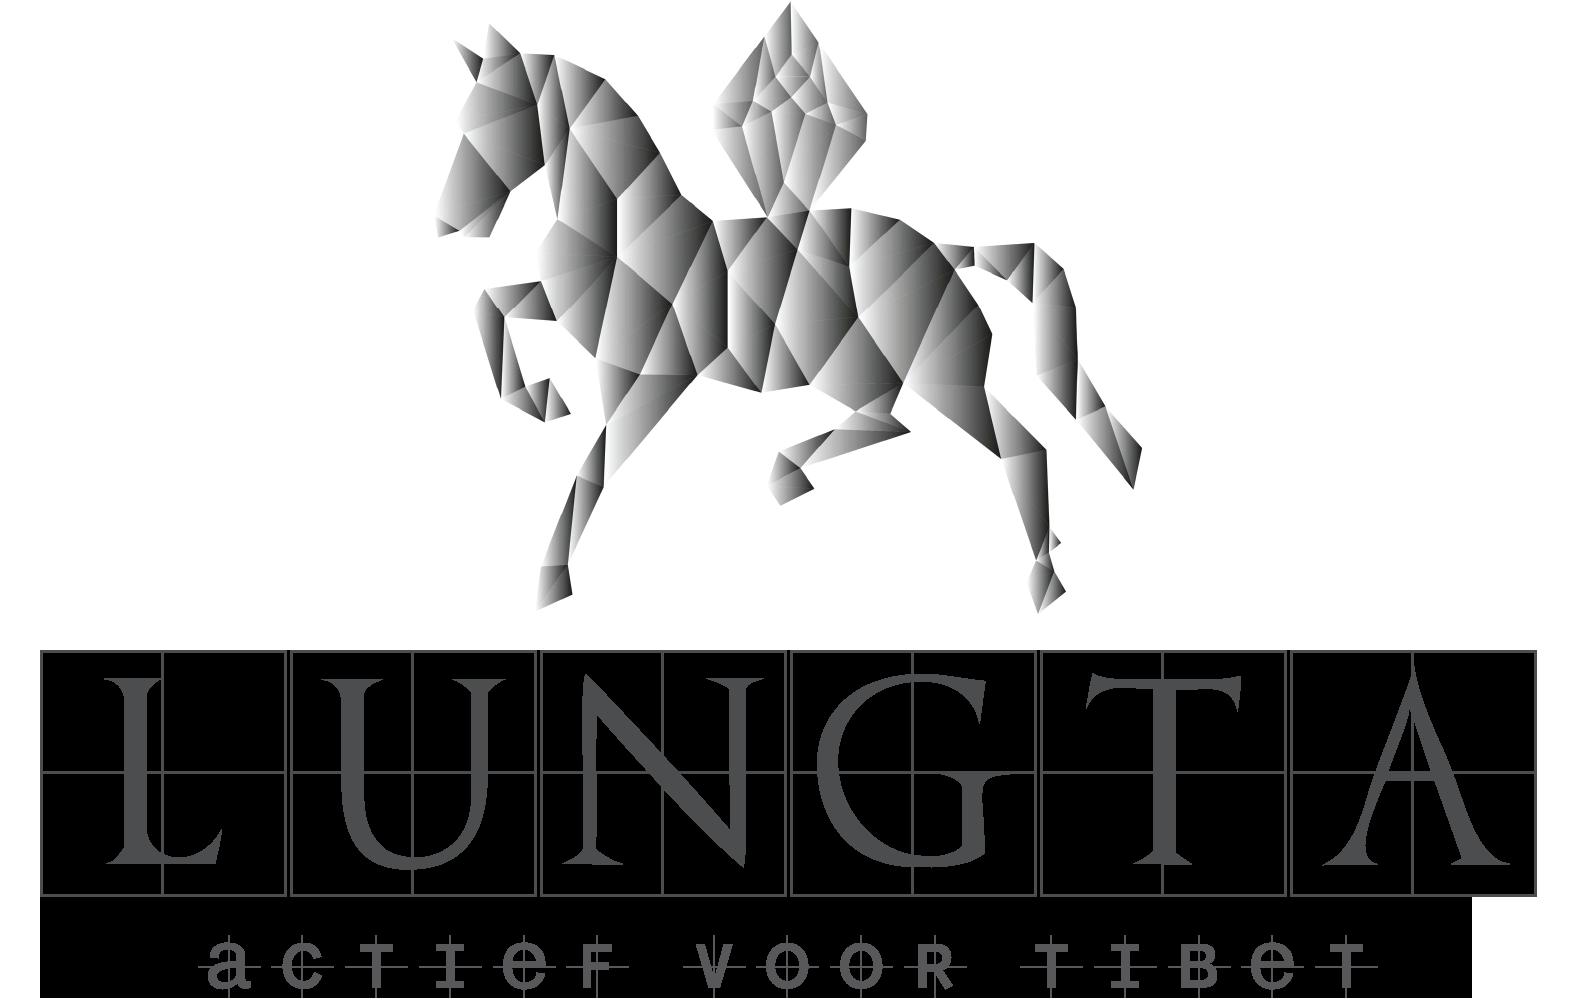 https://www.facebook.com/LungtaBelgium/